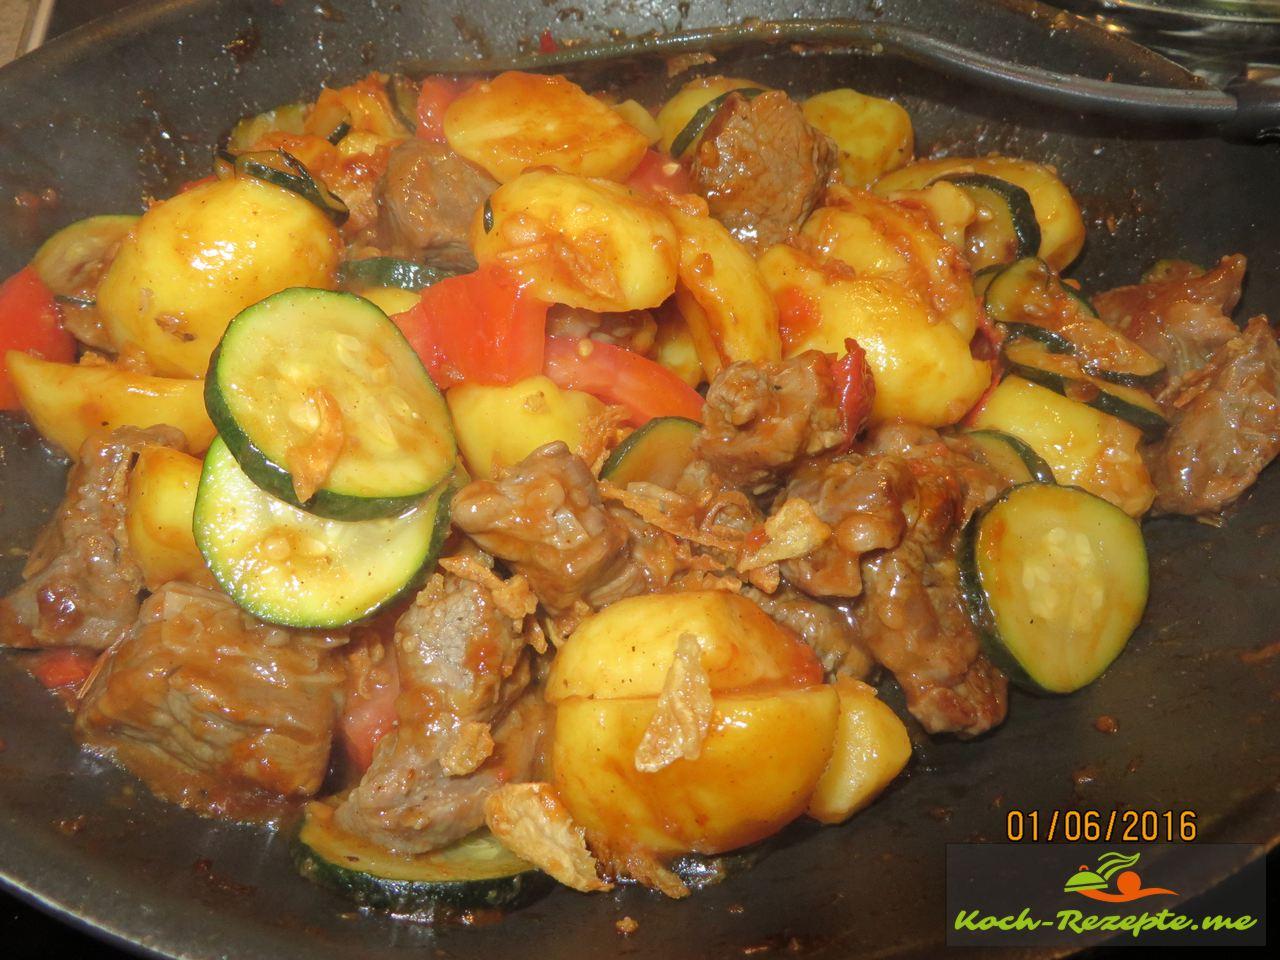 Tomatenstücke und die Pellkartoffeln kurz mit durchschwenken, für Rinderhüfte gemischtes Pfannen Rezept